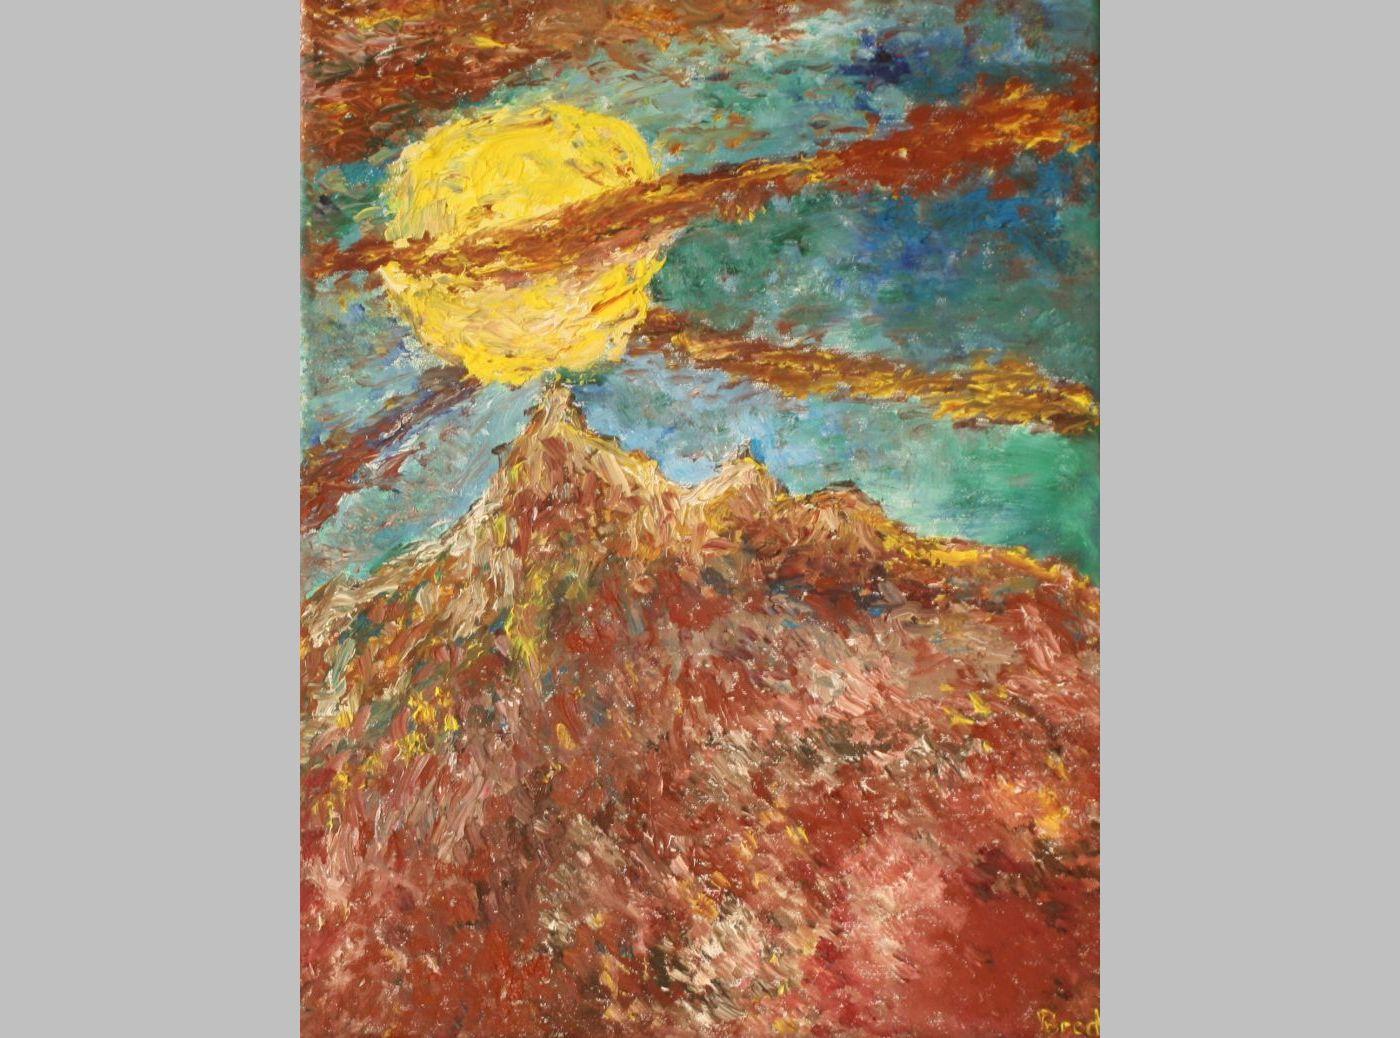 Energien der Nacht (2013, 30 x 40 cm)